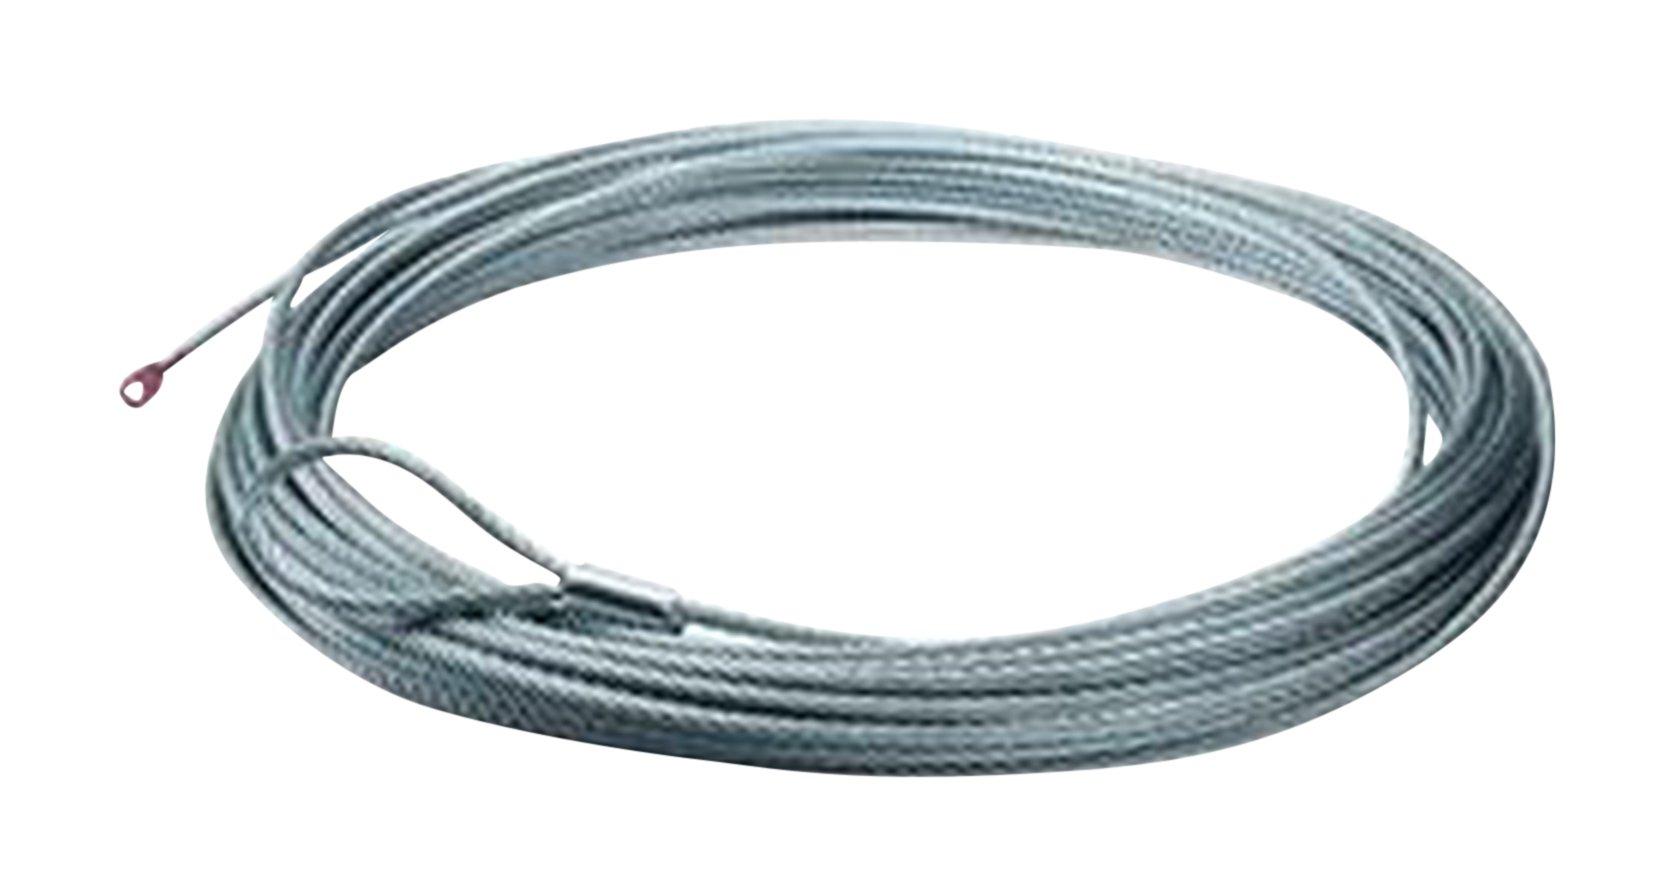 WARN 26749 Winch Rope - 5/16 in. x 150 ft. by WARN